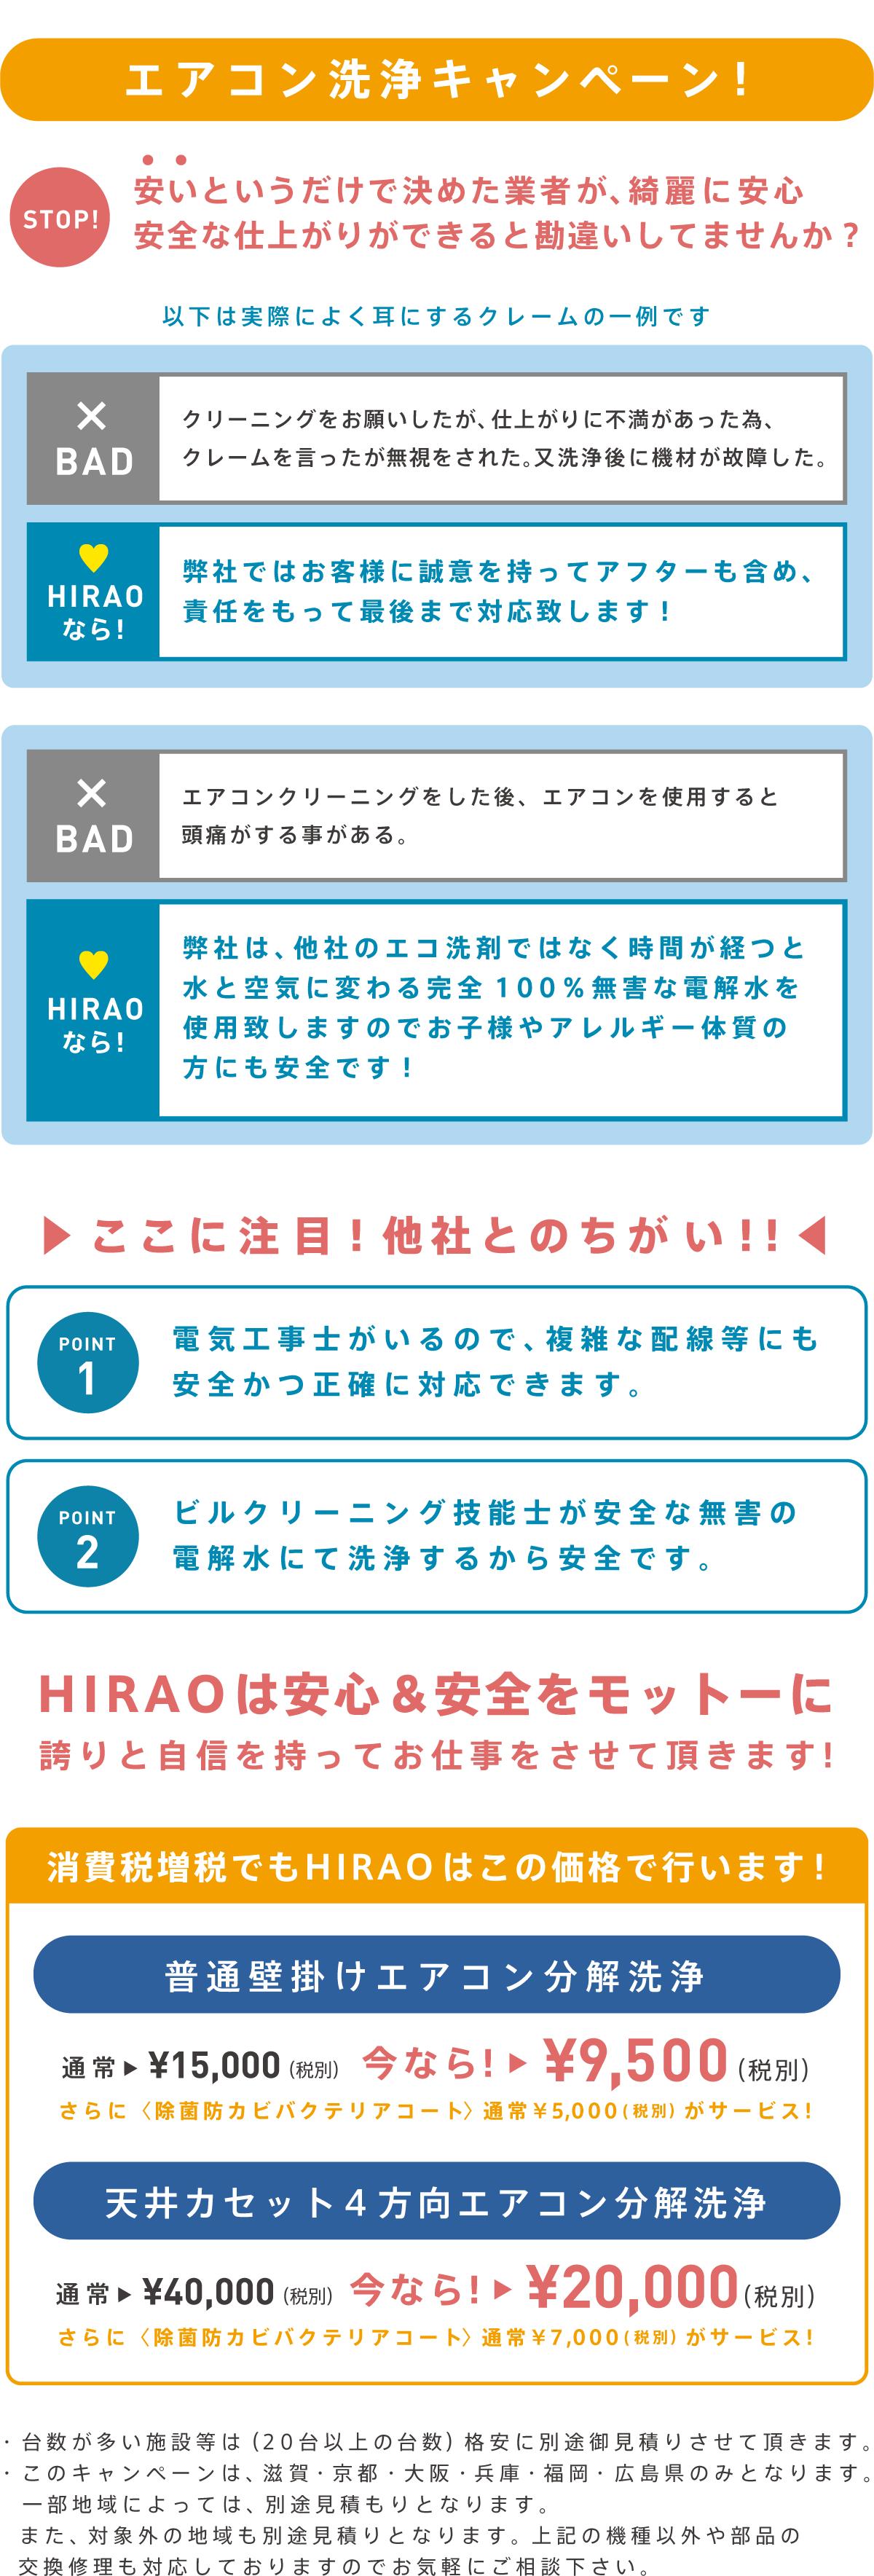 エアコンクリーニングキャンペーン実施中滋賀京都限定 大阪